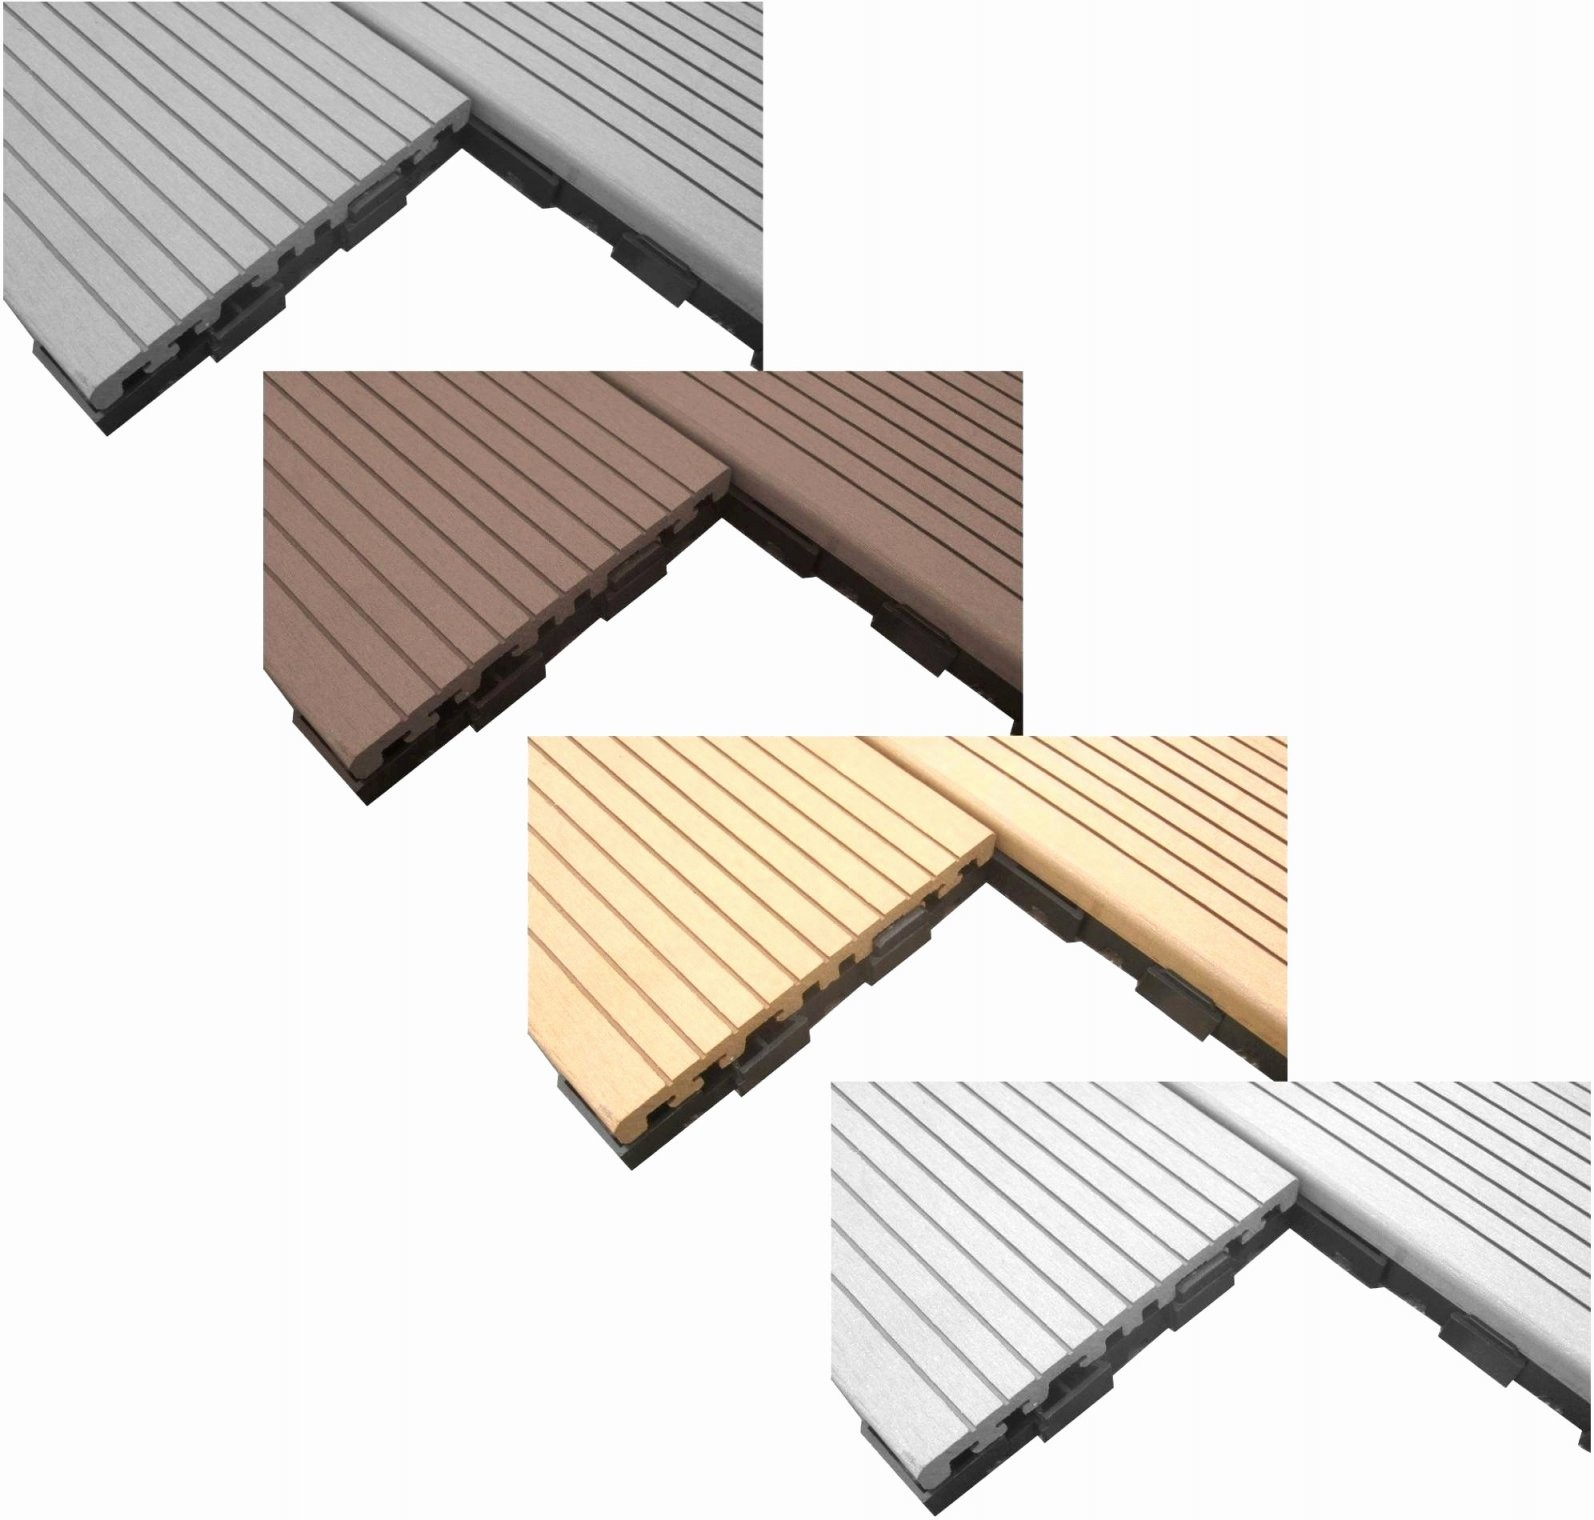 Holzpaneele Streichen Ohne Schleifen Genial Küchenschränke Streichen von Paneele Streichen Ohne Schleifen Photo